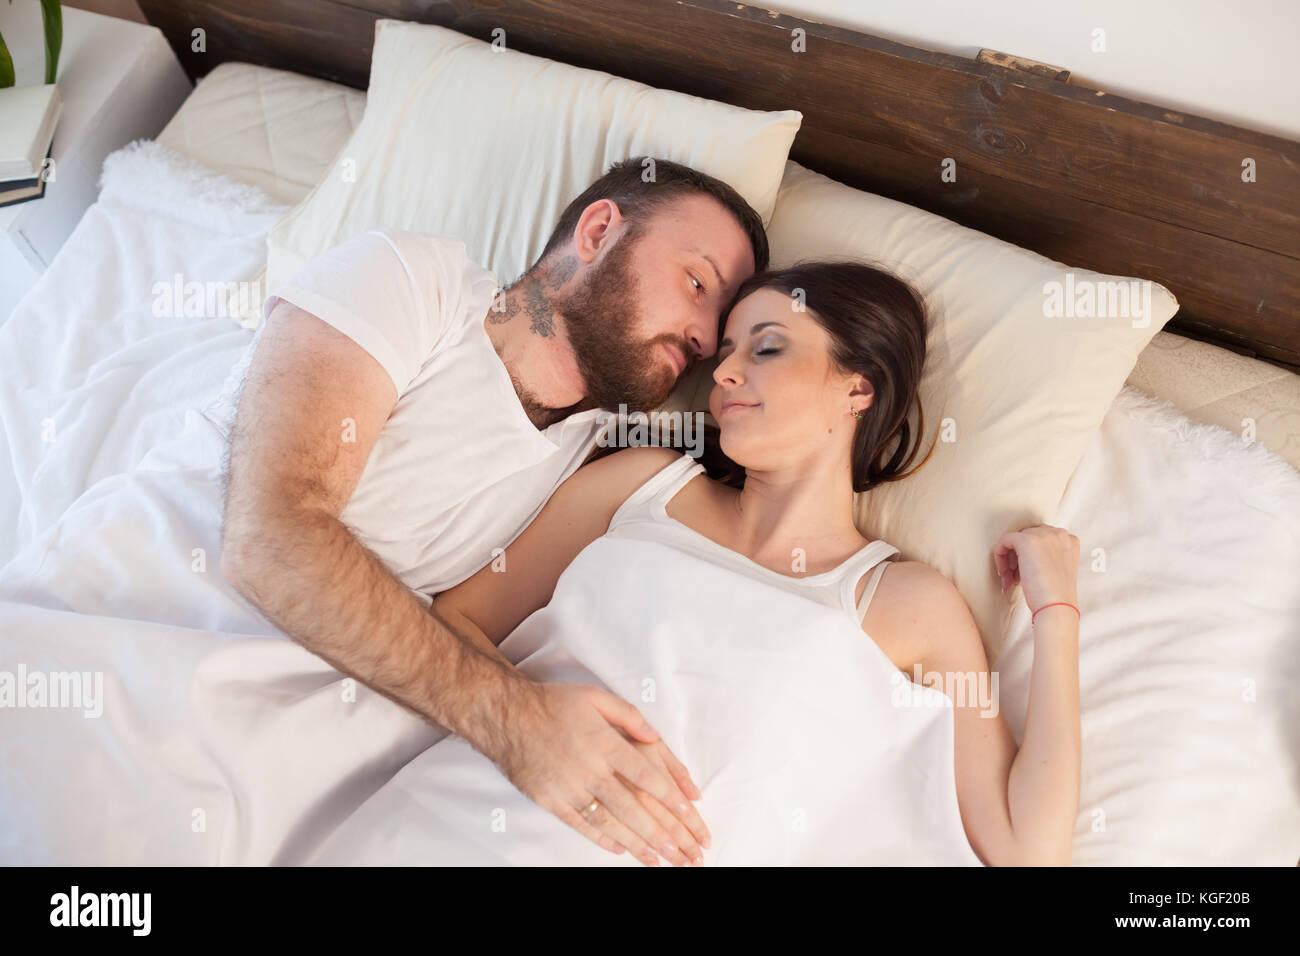 El hombre despierta a una mujer en el dormitorio en el fin de semana por la mañana Imagen De Stock